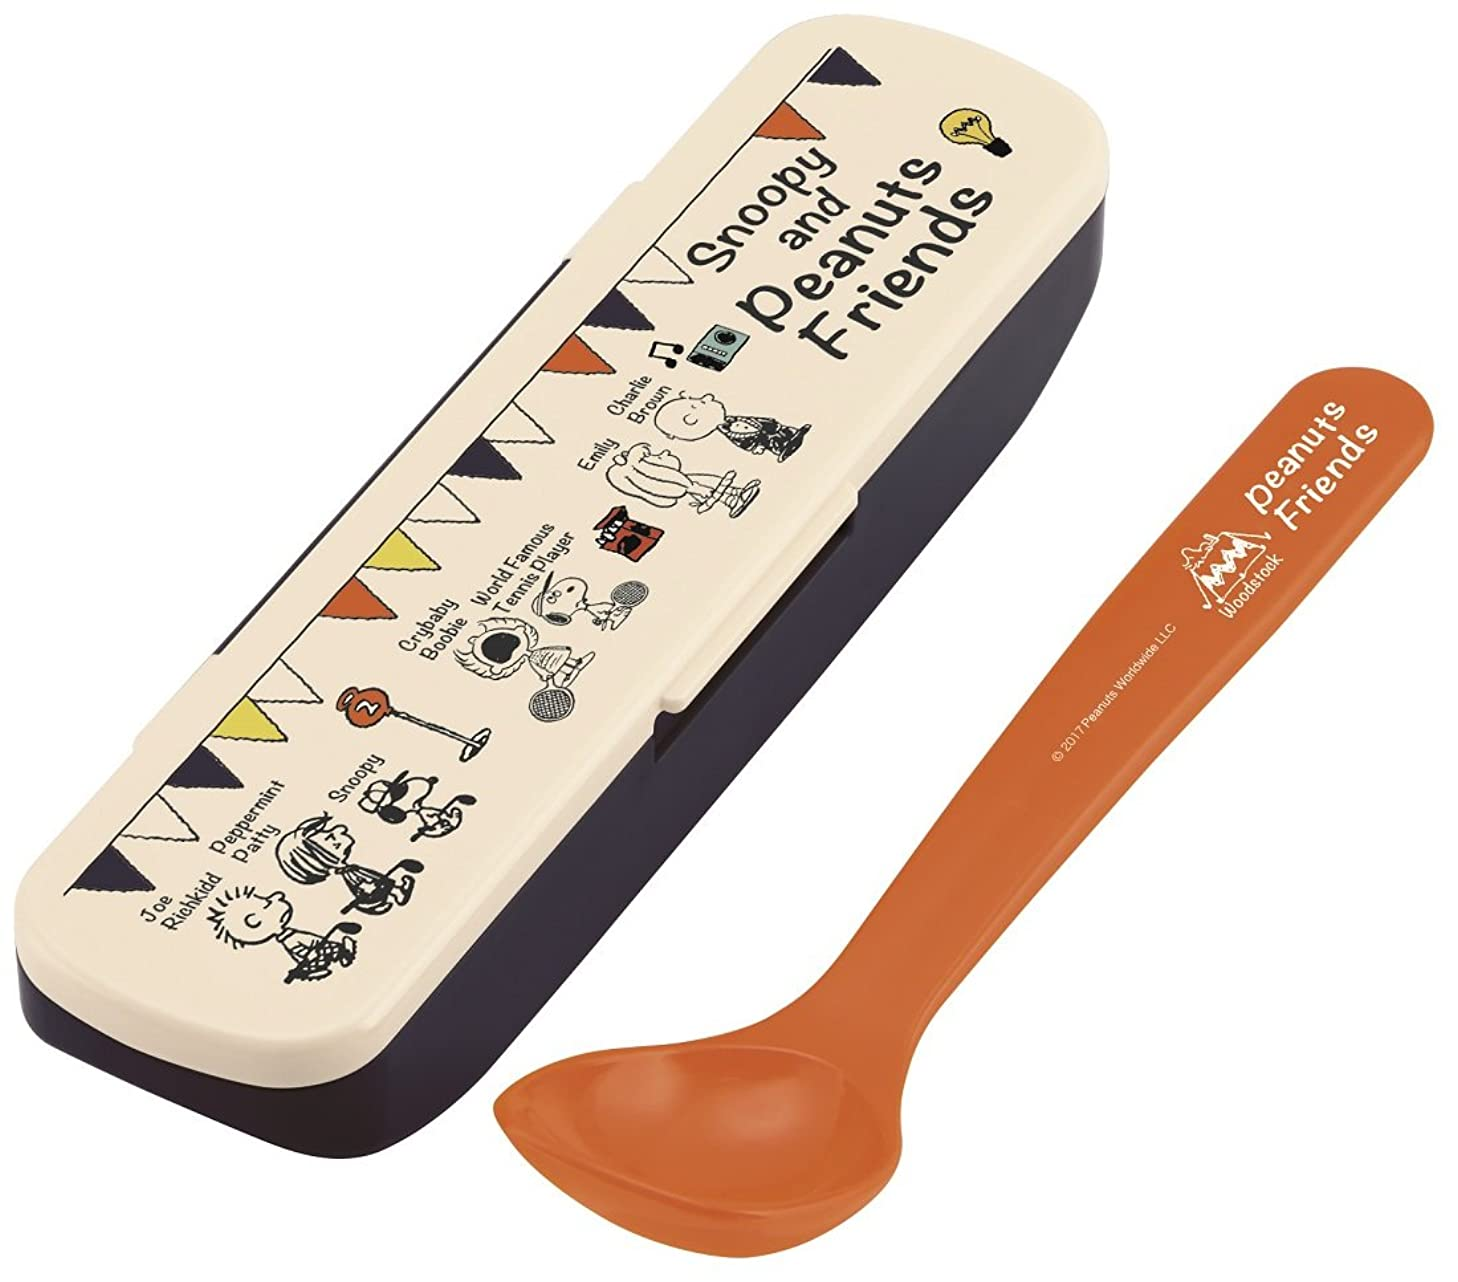 リード徴収控えめなスケーター カトラリー スープスプーン ケースセット スヌーピー ともだち PEANUTS 日本製 16cm CSOP1